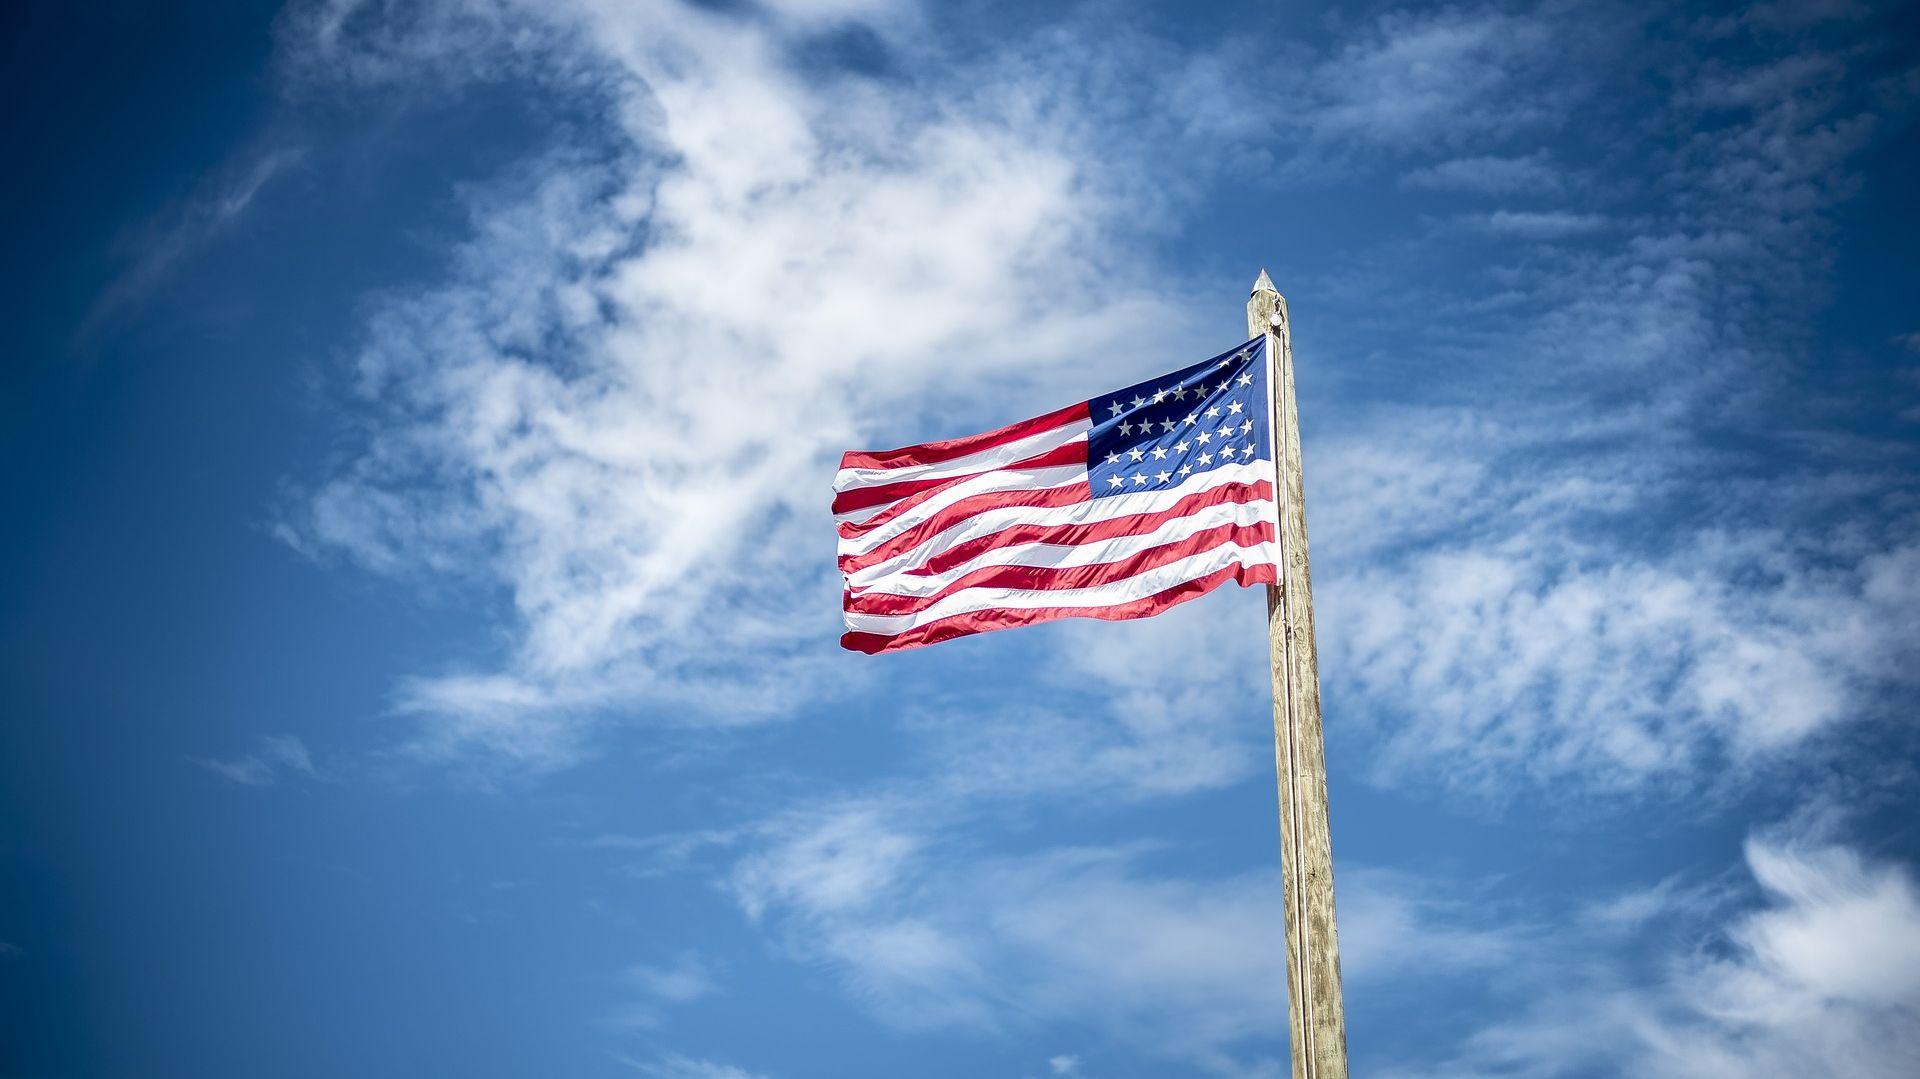 POVLAČENJE IZ PARIŠKOG SPORAZUMA Američke savezne države žele same ići naprijed